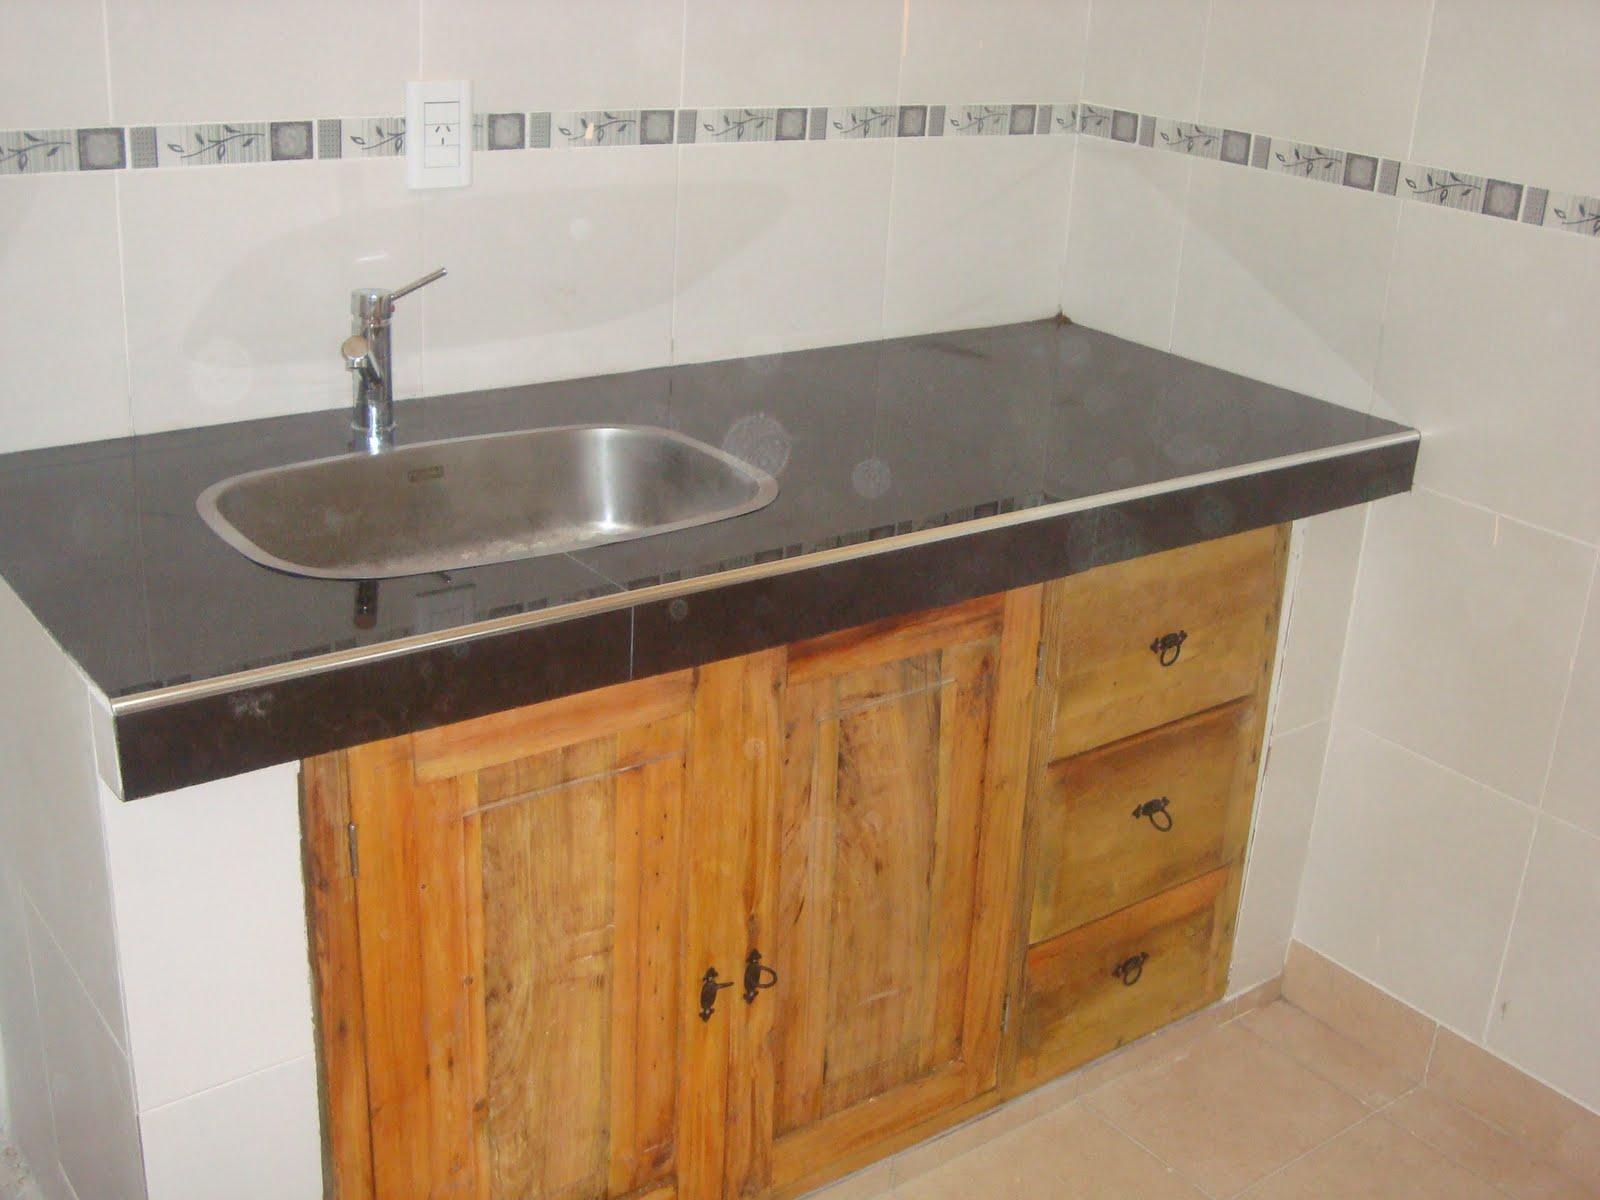 Carpinteria mc amoblamiento de cocina bajo mesada rustico - Estilos de mobiliario ...